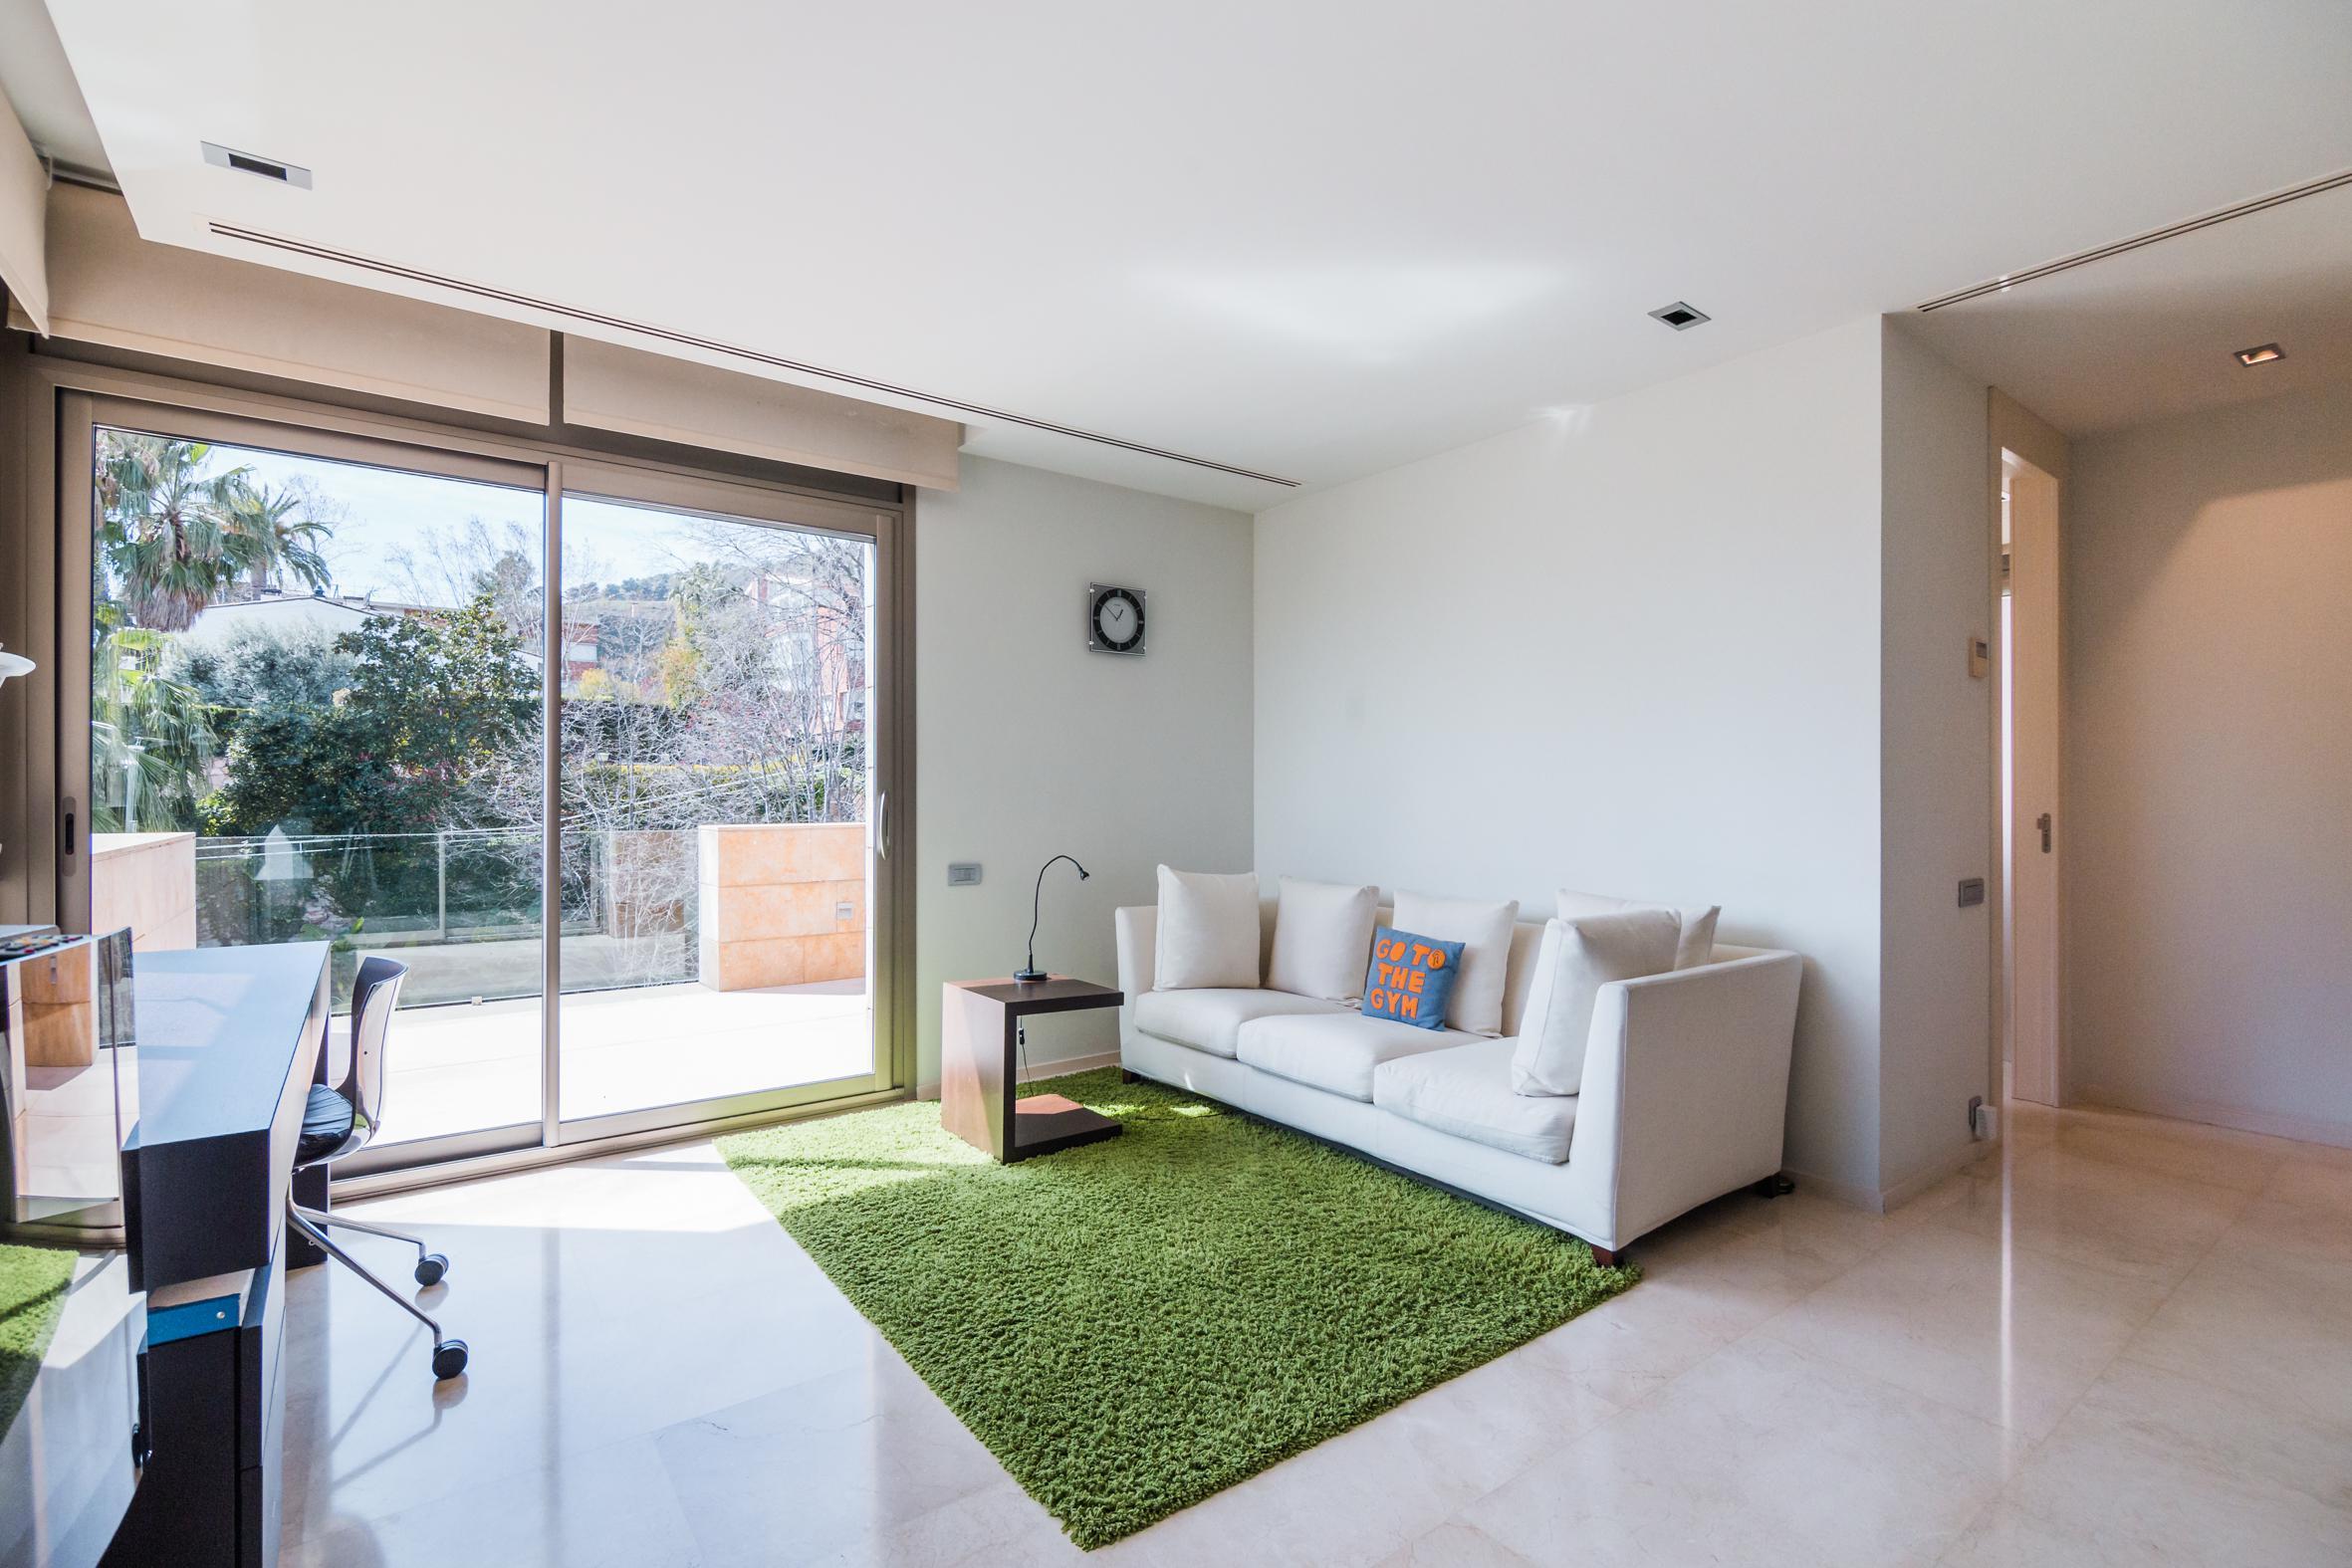 204447 Casa en venda en Les Corts, Pedralbes 19